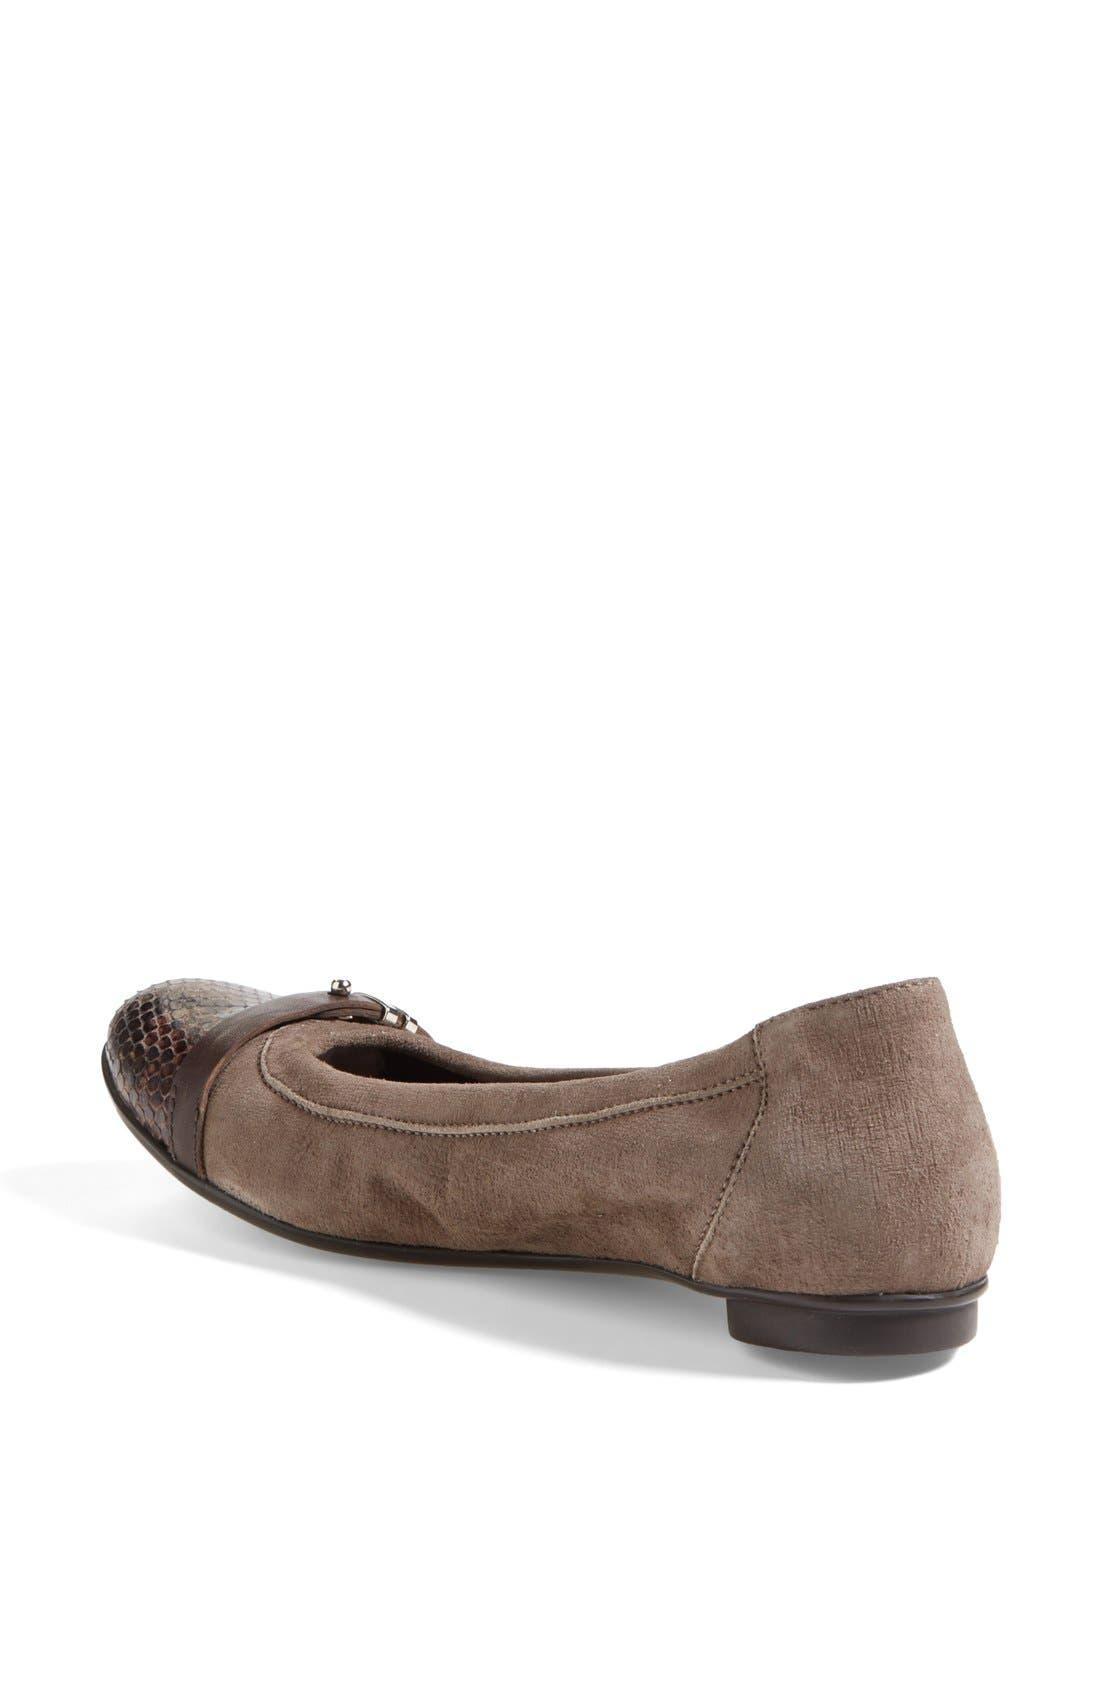 Alternate Image 2  - Attilio Giusti Leombruni 'Bella' Patent & Nappa Leather Ballet Flat